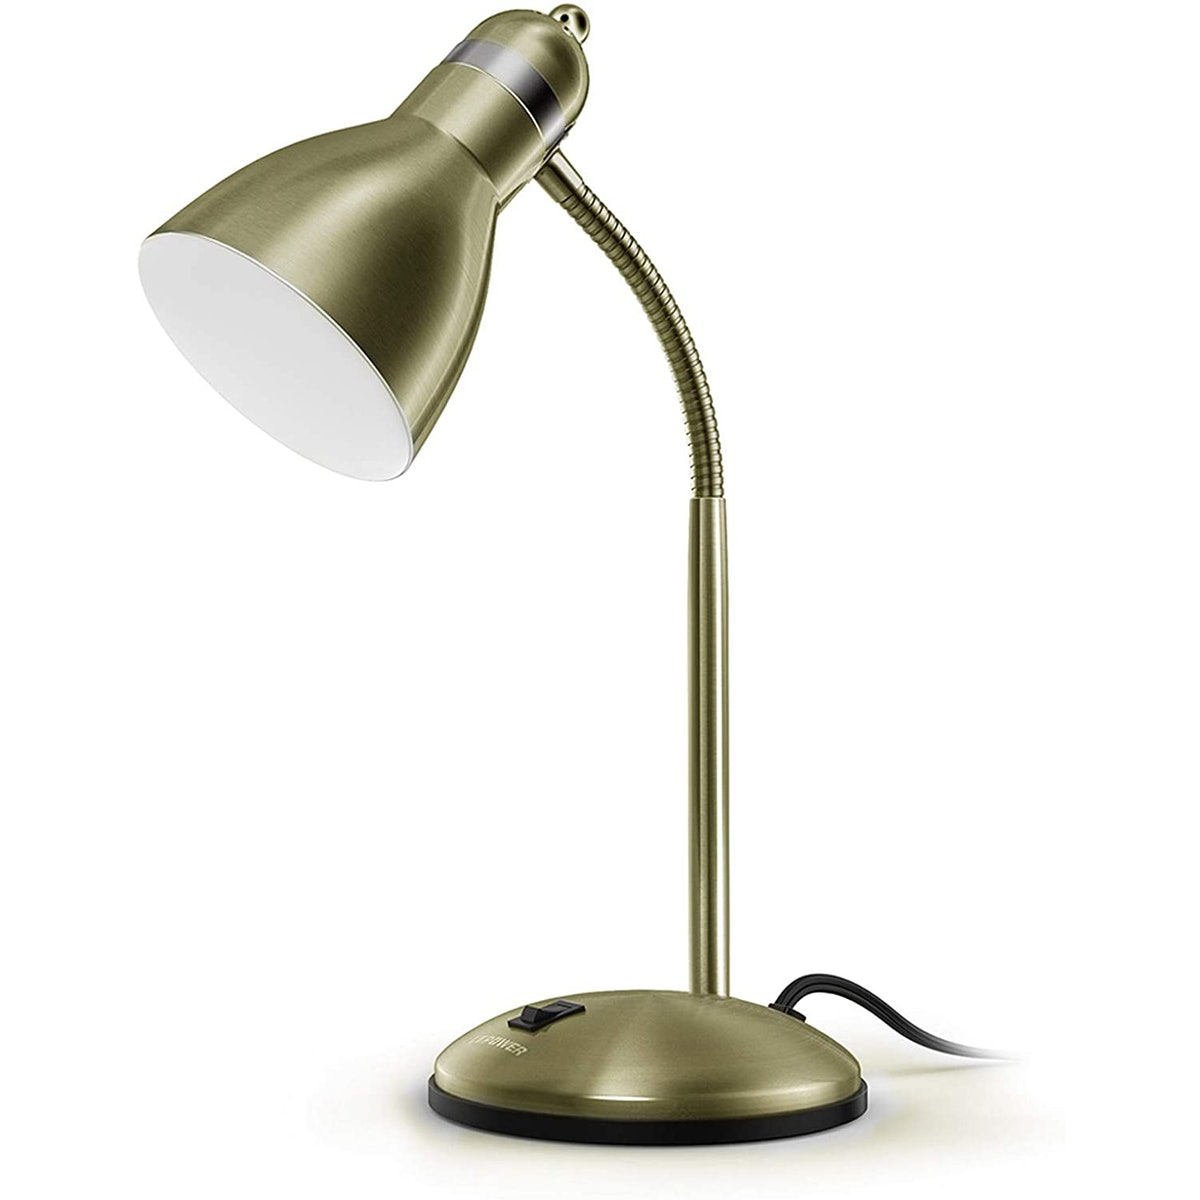 LEPOWER Adjustable Goose Neck Desk Lamp